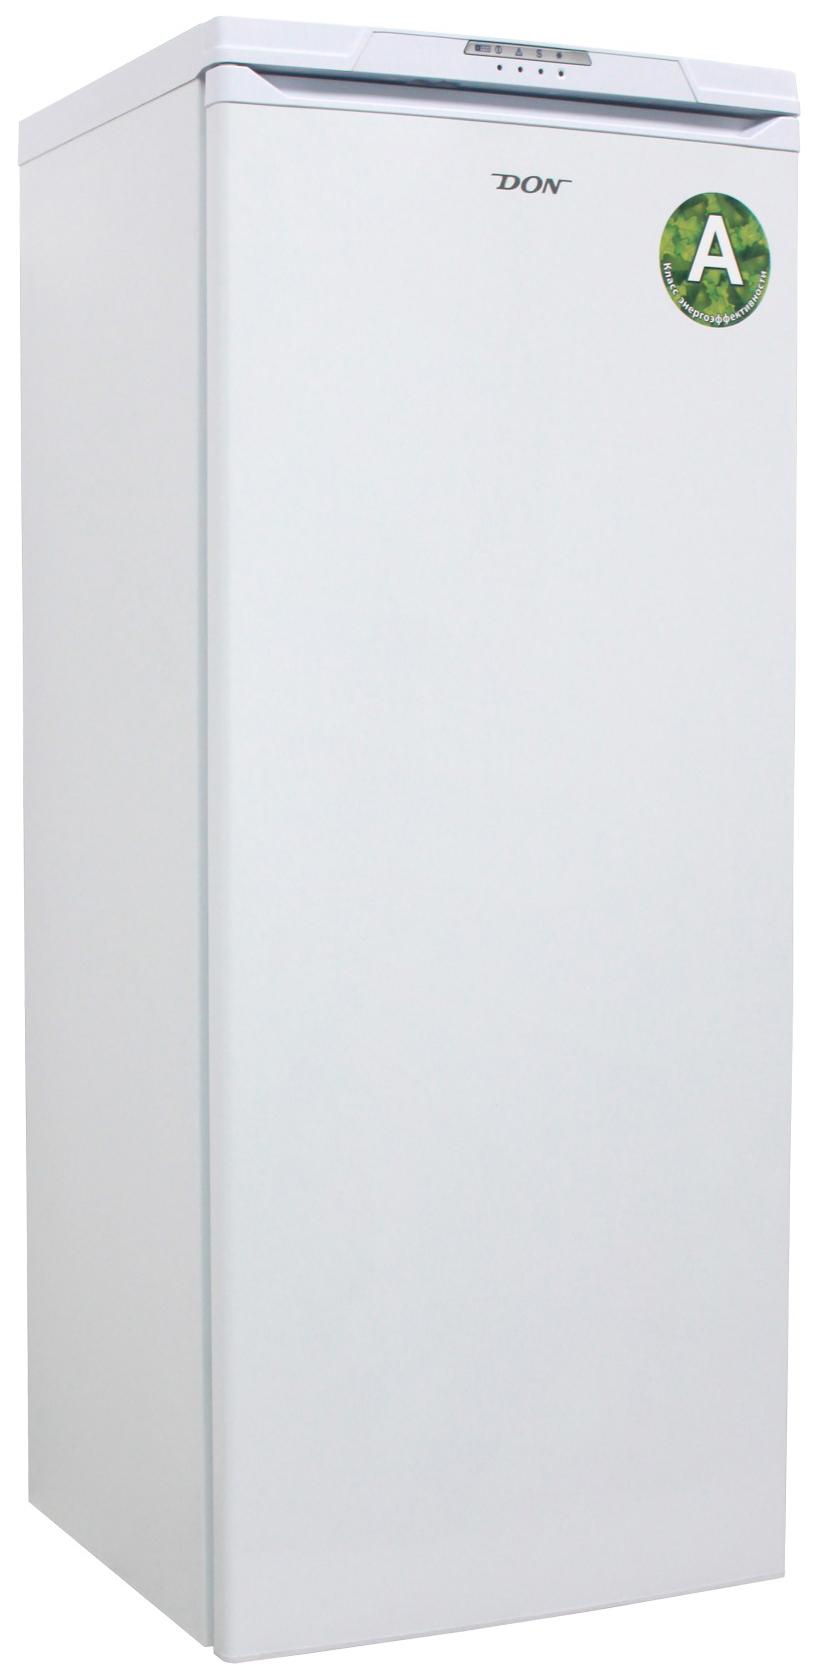 Морозильная камера DON R 106 B White